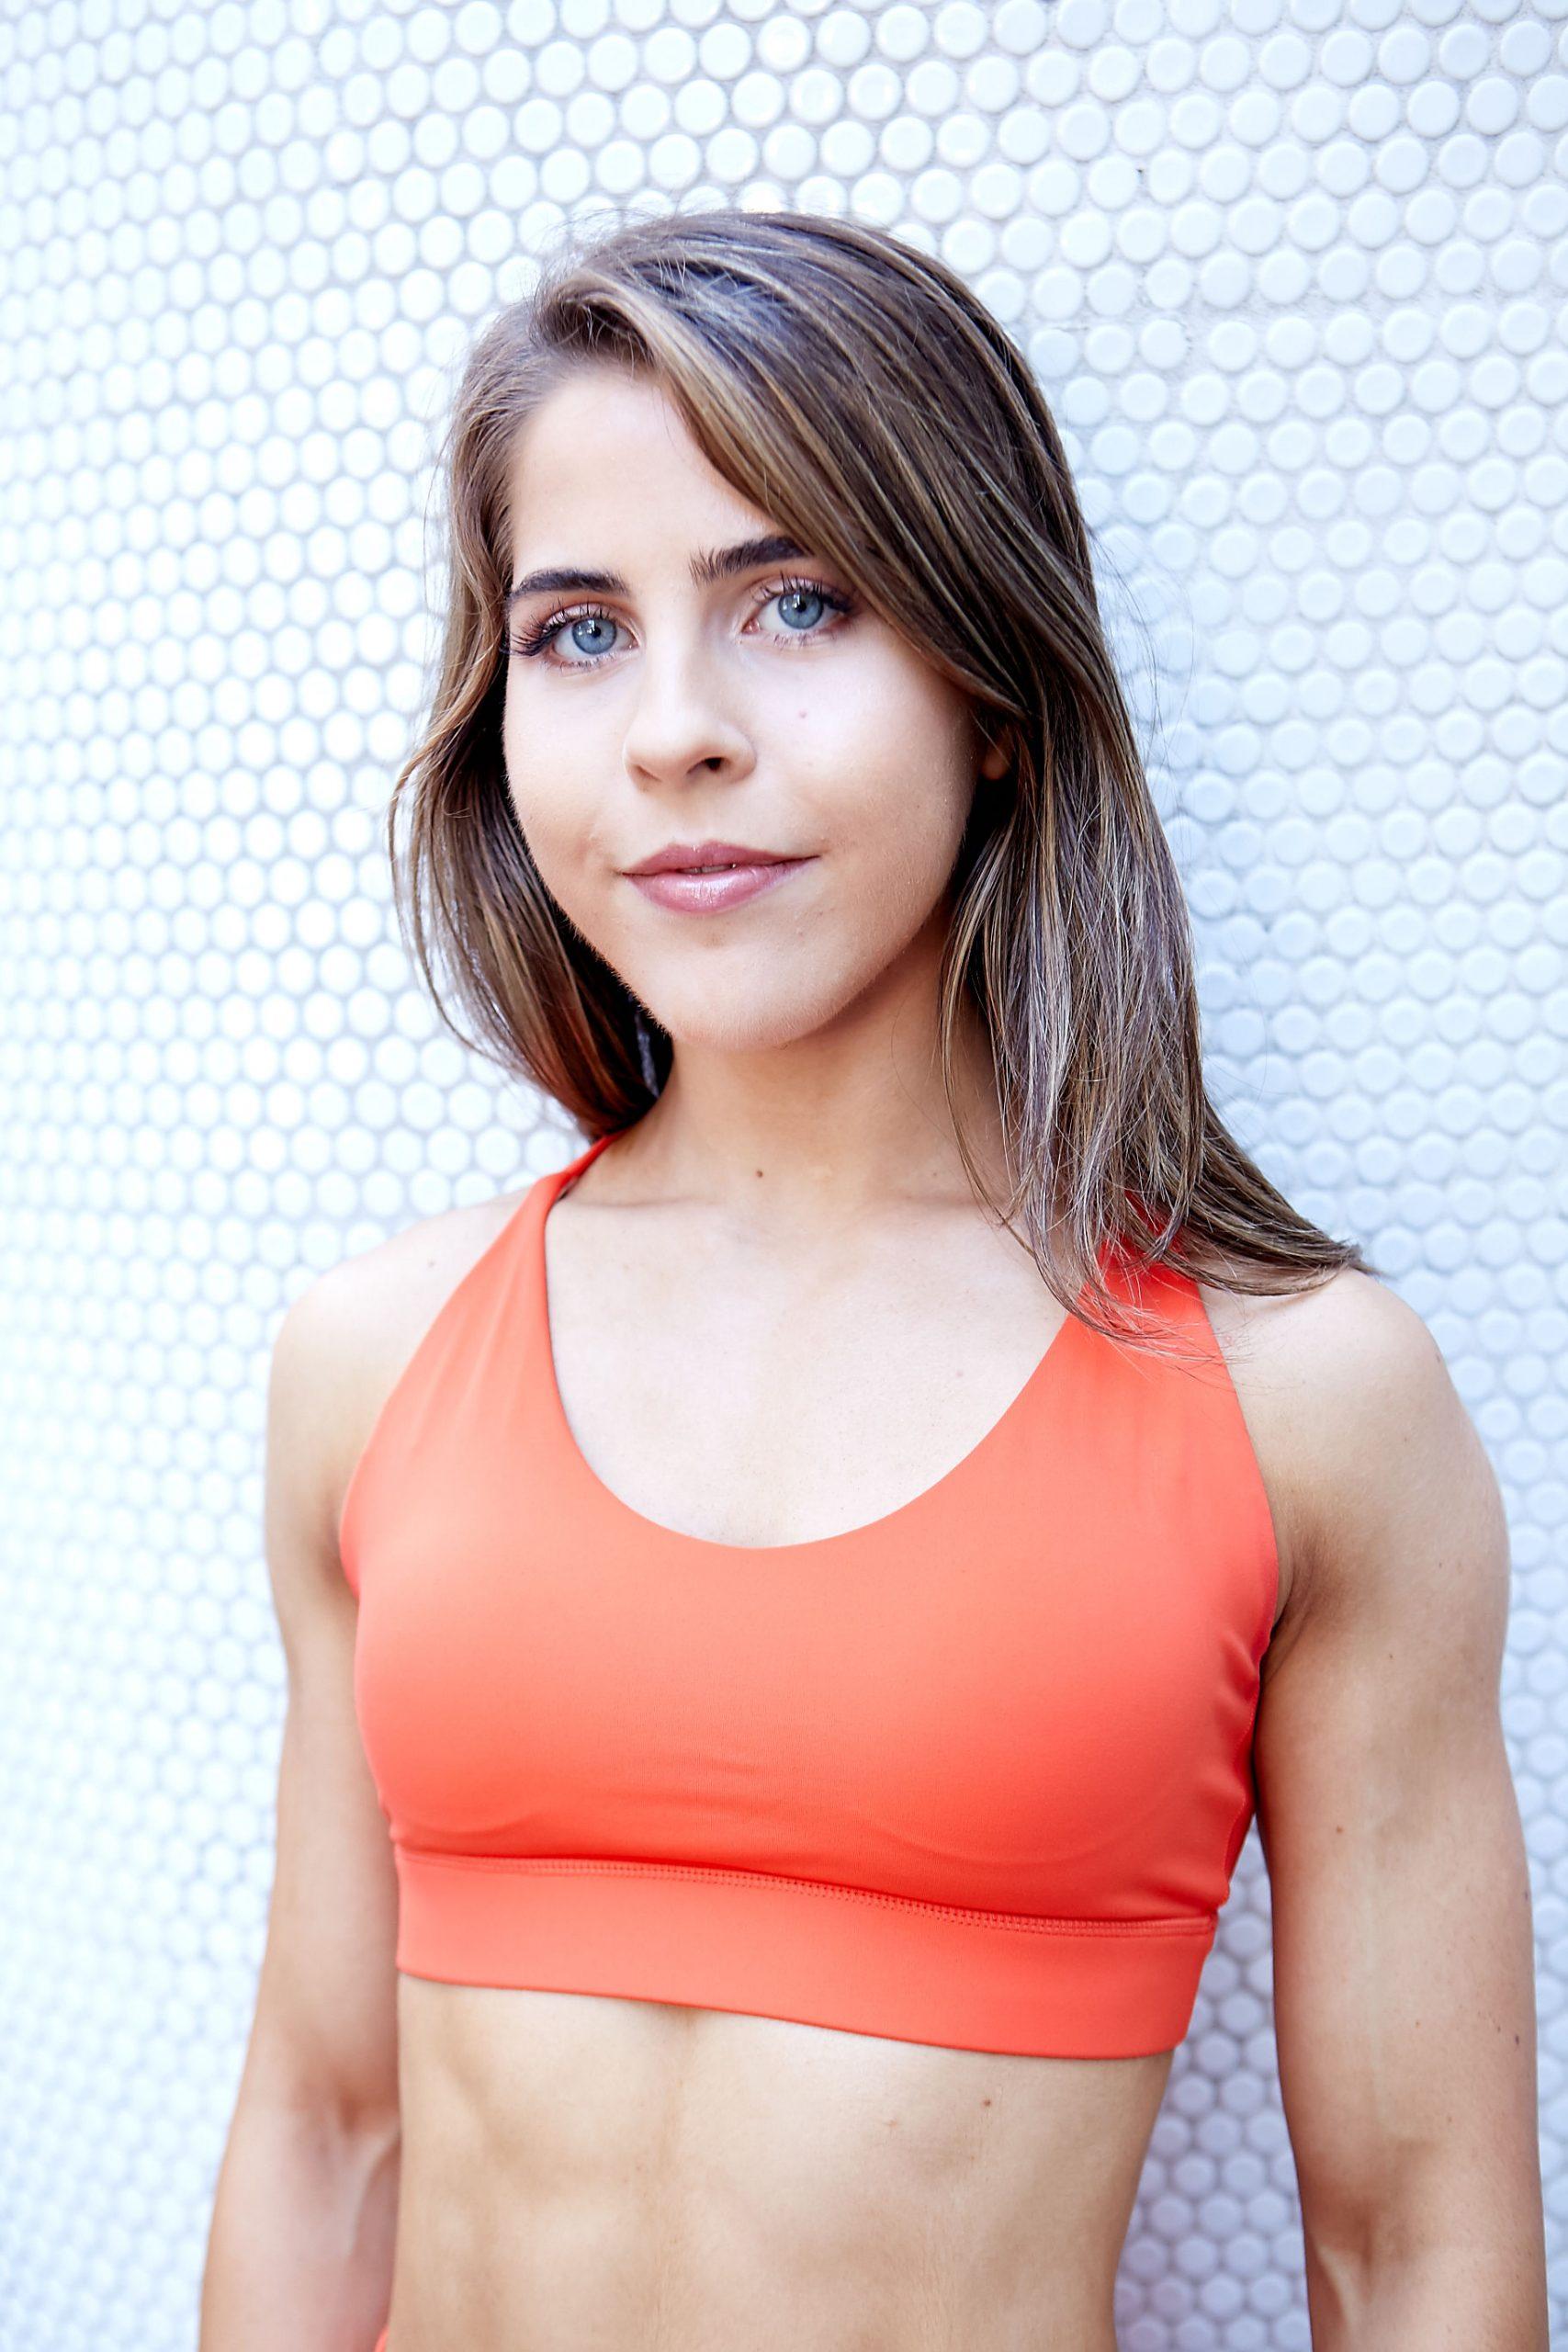 Natasha Sydney female fitness model and athlete wearing orange nike top during photo shoot scaled